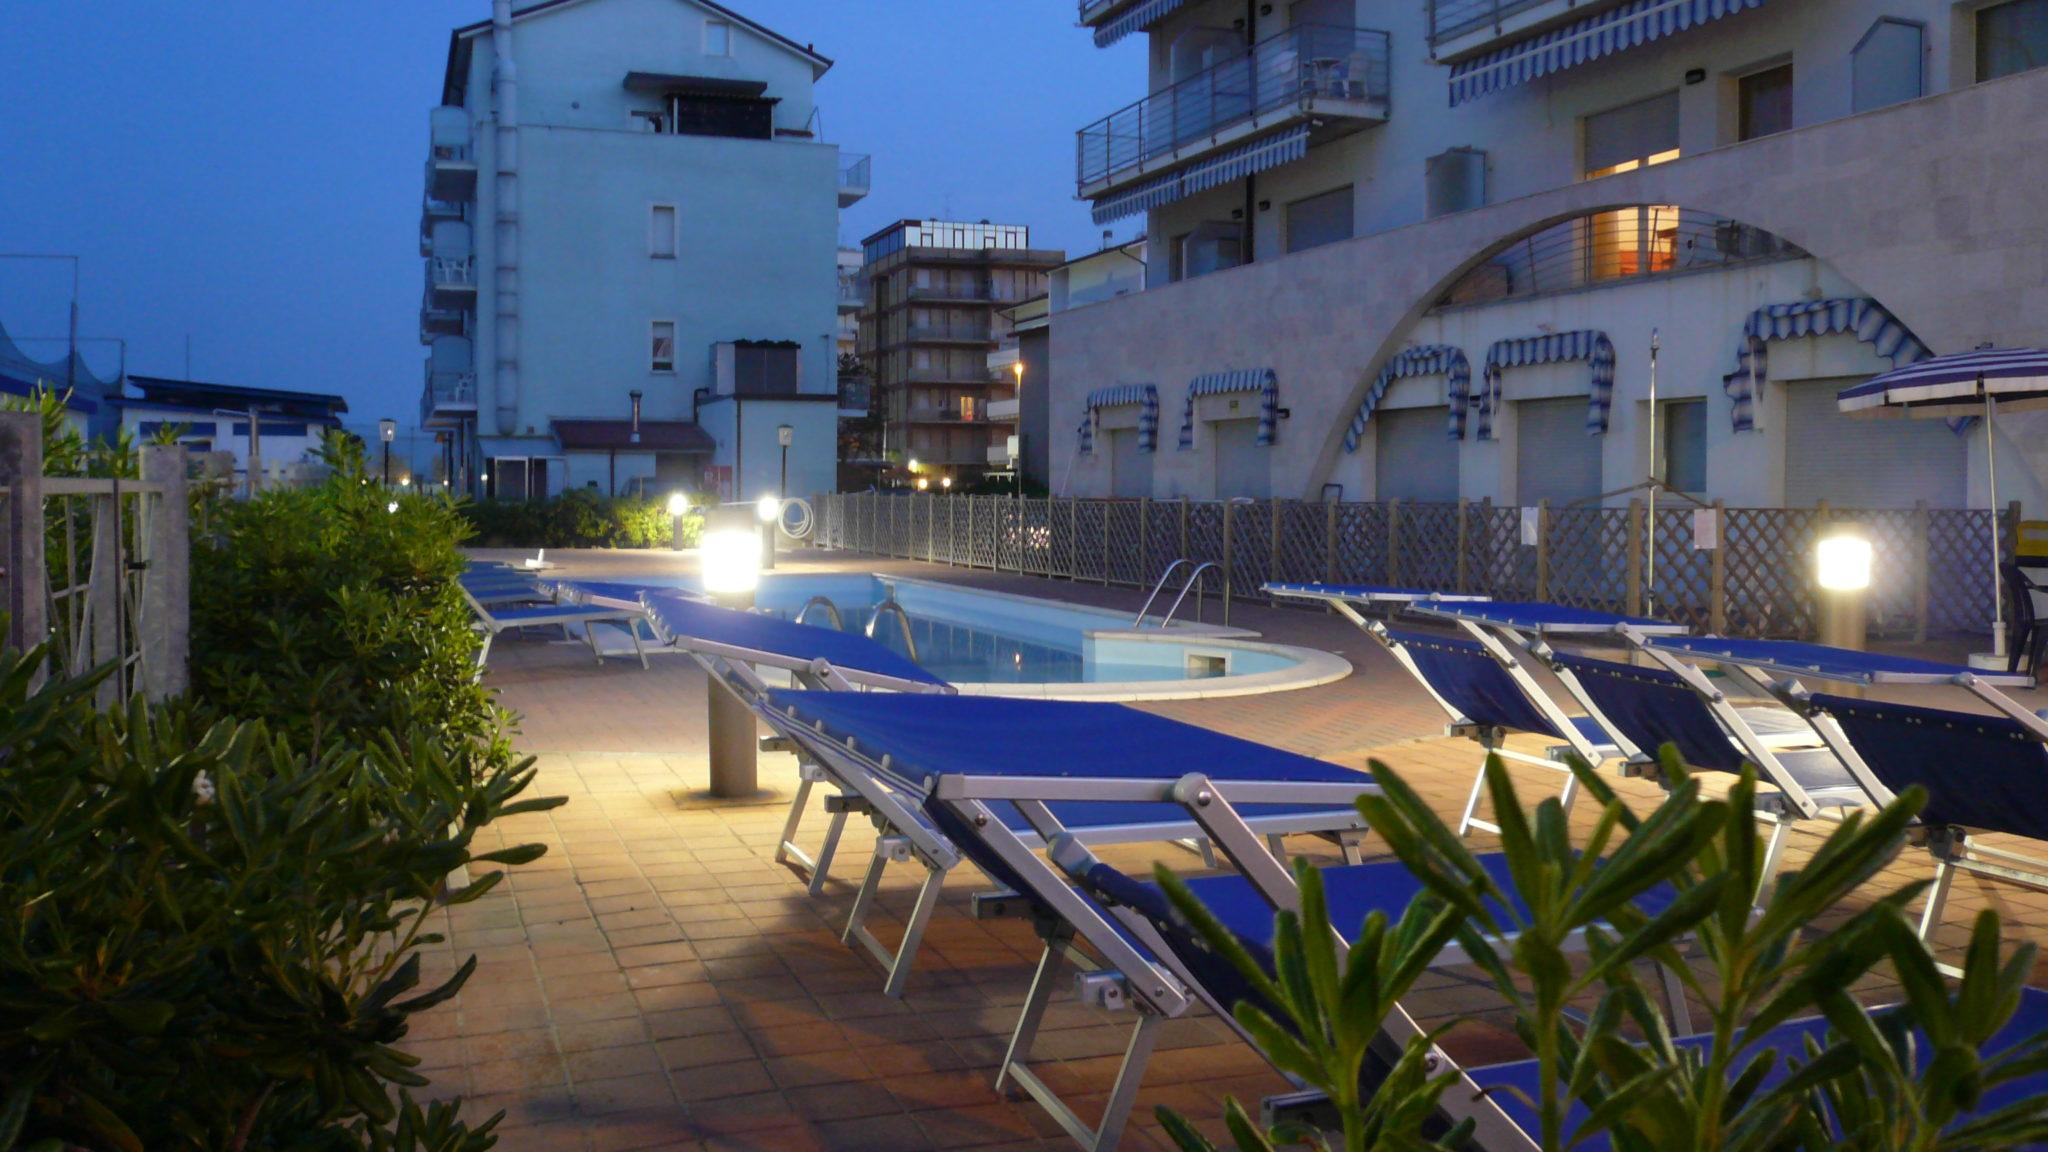 Residence moderno 3 stelle a milano marittima con piscina - Residence rimini con piscina ...